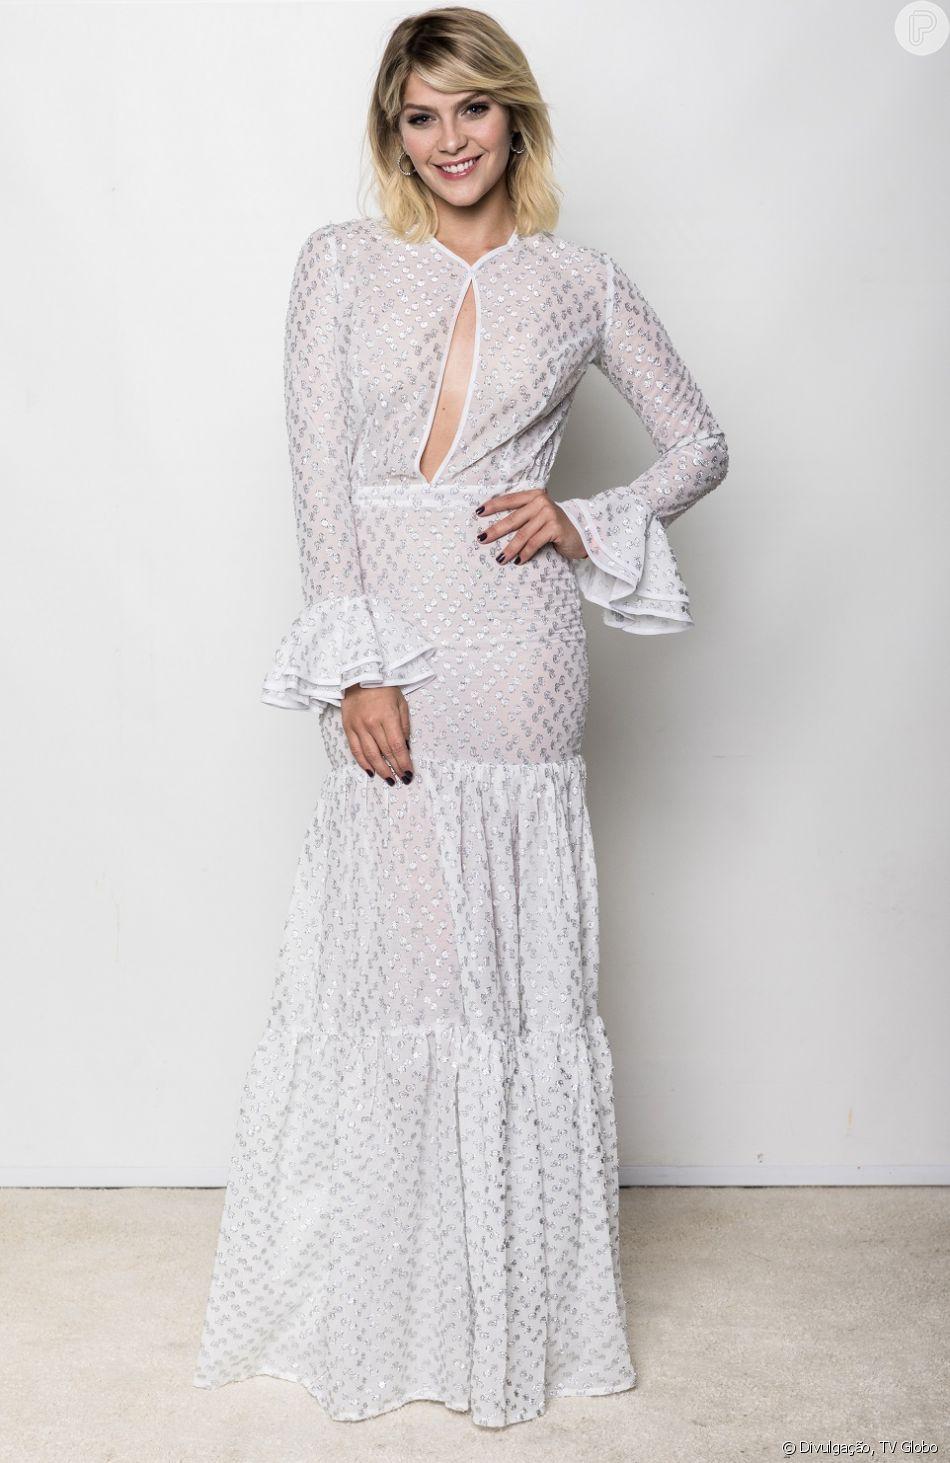 Isabella Santoni aposta em vestido longo branco de mangas e decote profundo na gravação do especial 'Roberto Carlos: Muito Romântico', nesta terça-feira, 4 de dezembro de 2018